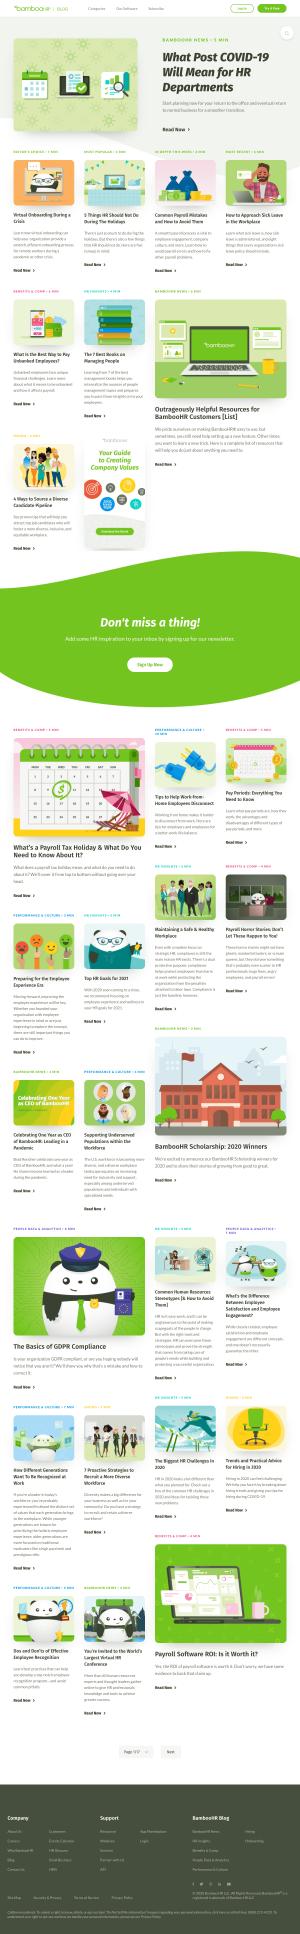 BambooHR – Blog Index